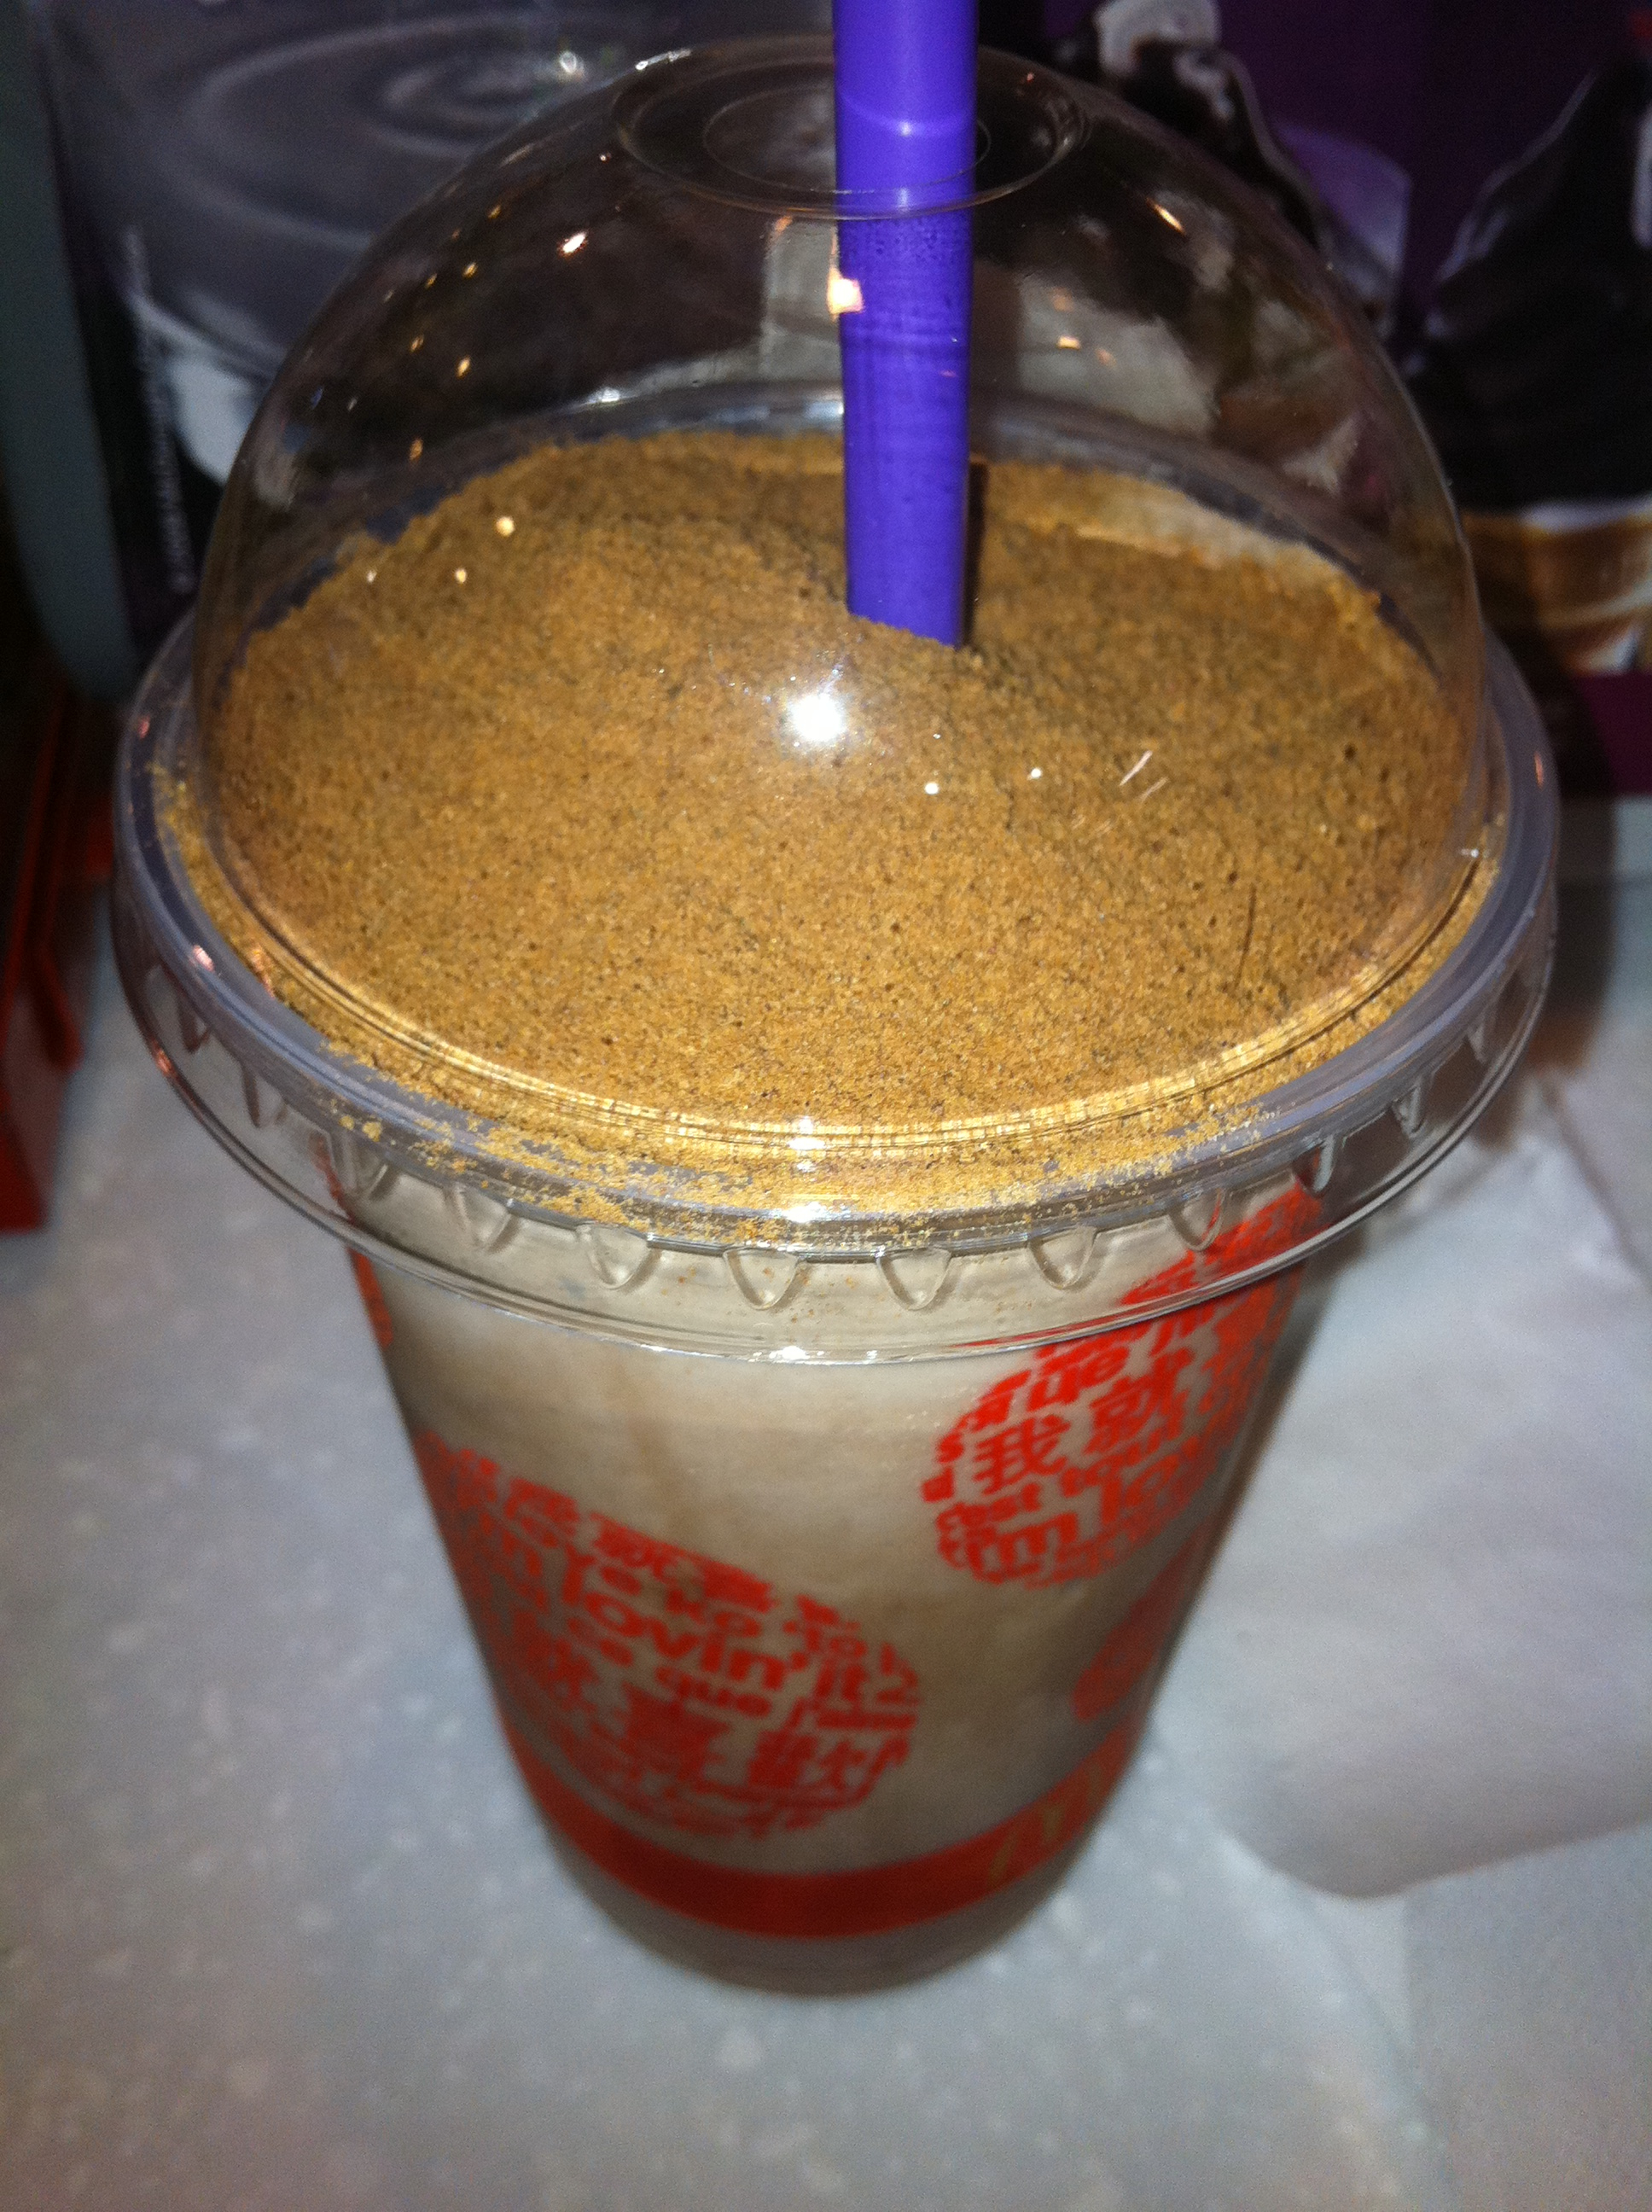 McDonalds :: Dinosaur shake